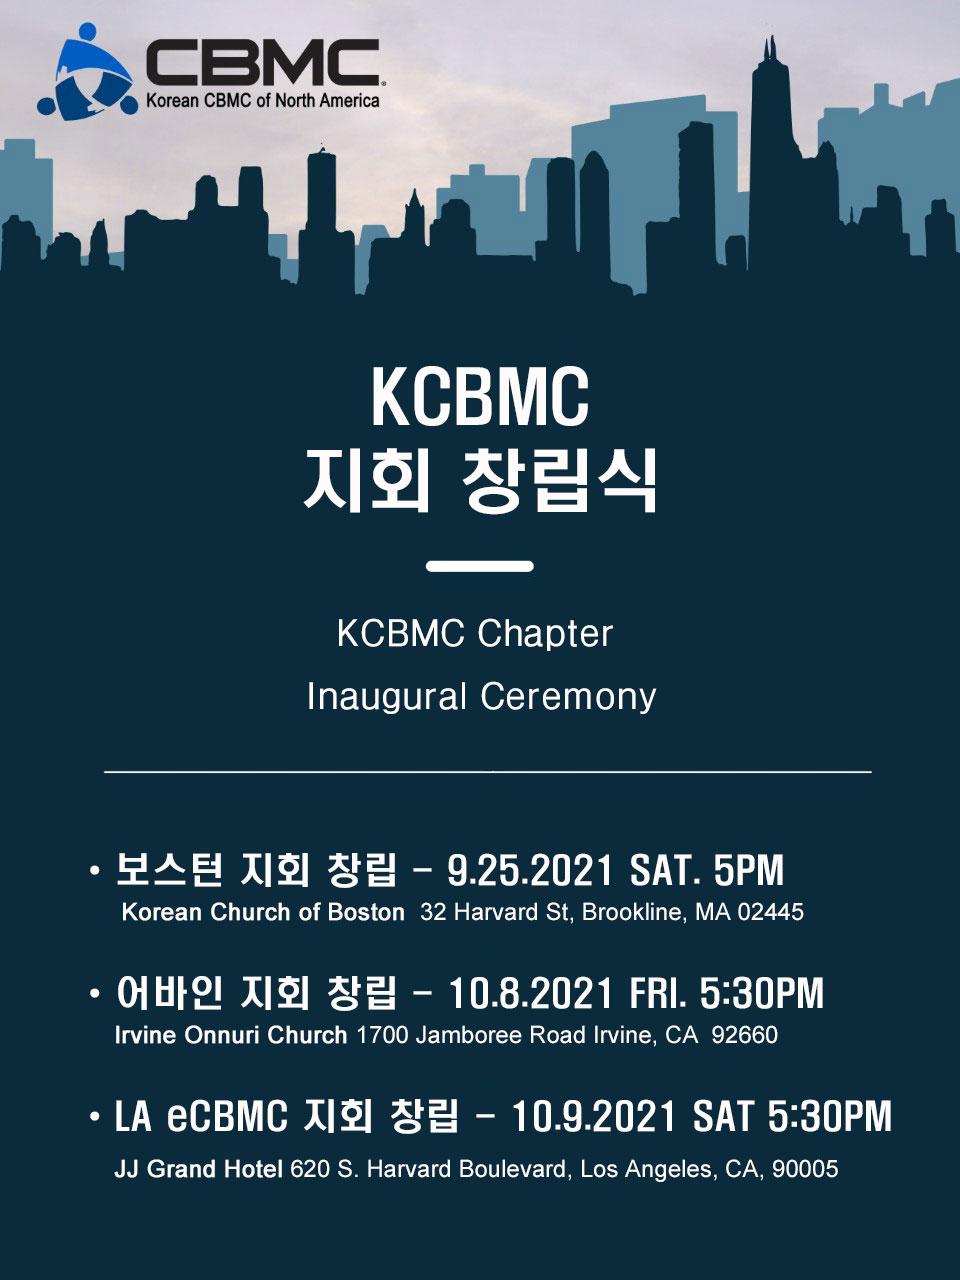 북미주 KCBMC 신임 2개 지회 창립 소식